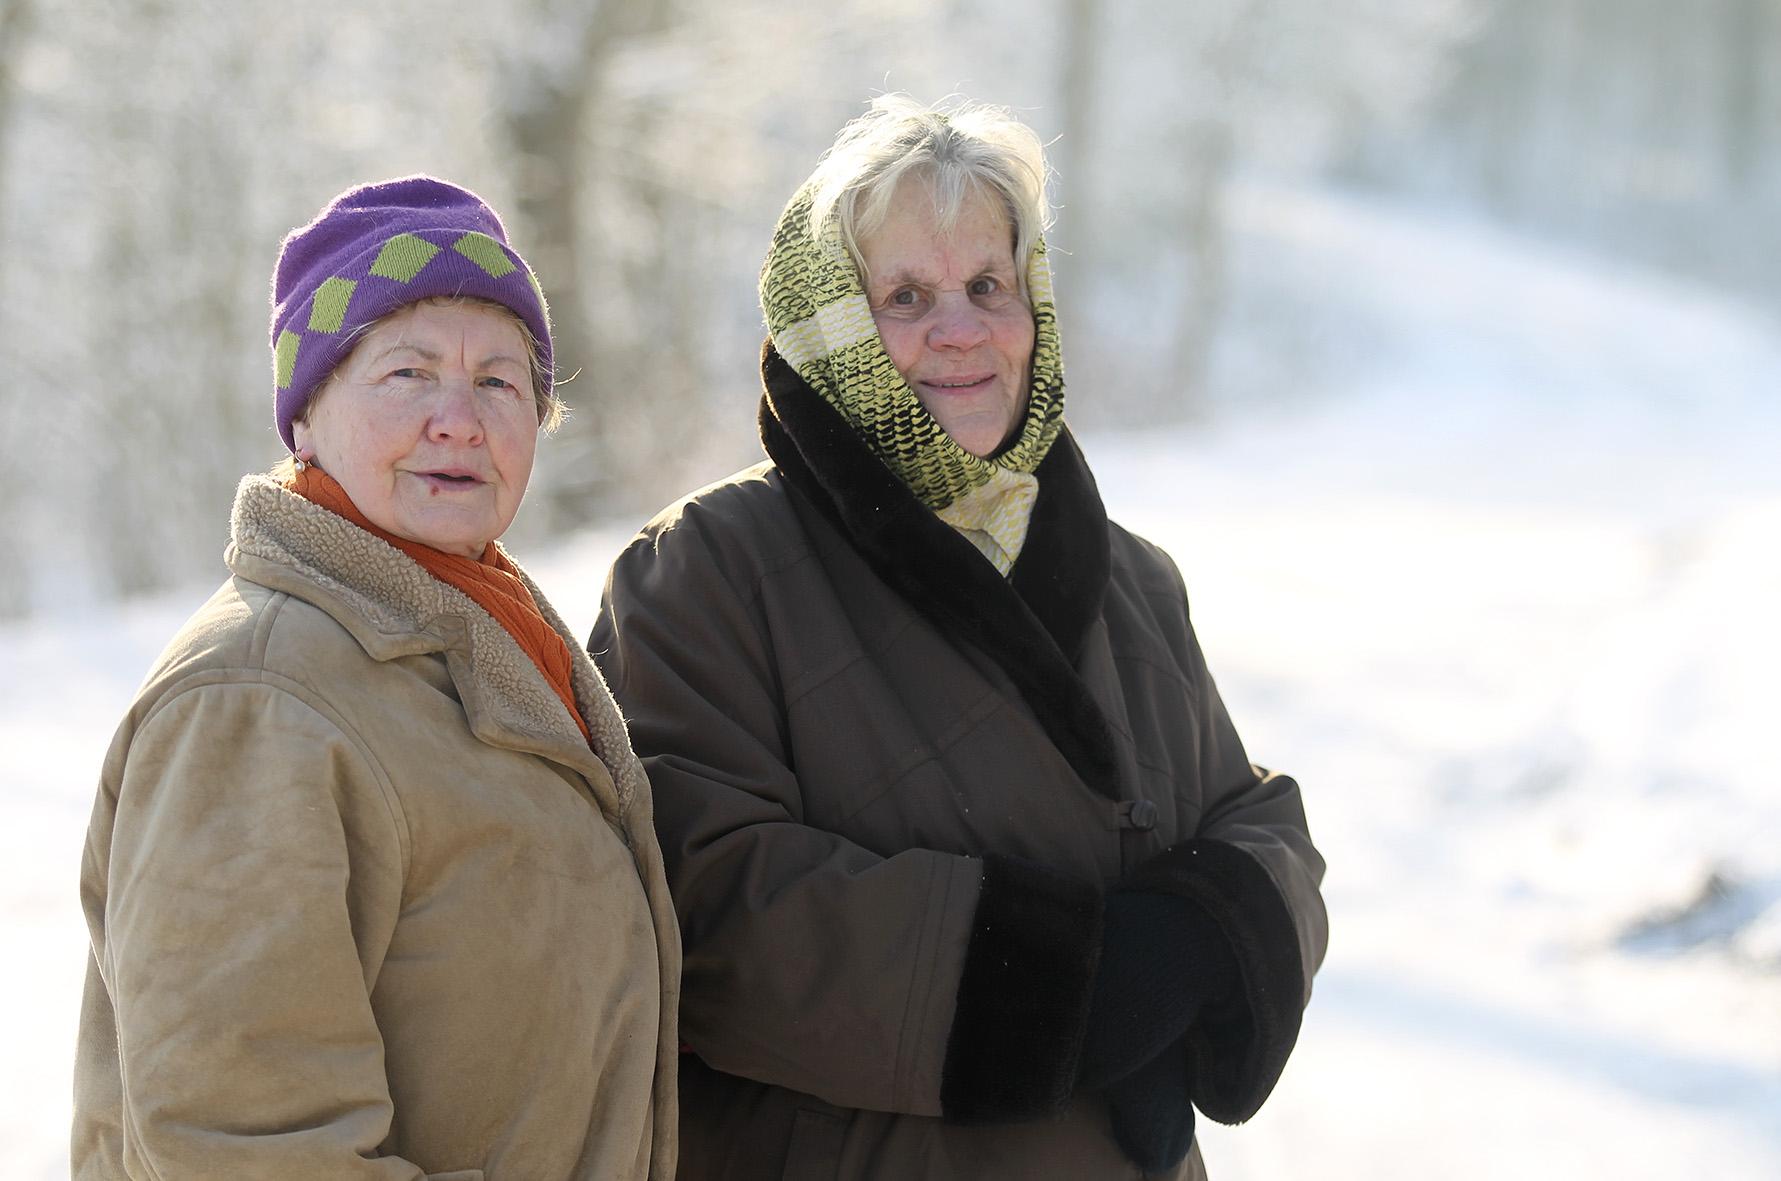 Netrukus sutinkame po kaimą už rankų susikabusias keliaujančias dvi drauges. Tai ponios Eugenija ir Galina. Moterys labai geros, pakilios nuotaikos. A. Barzdžiaus nuotr.